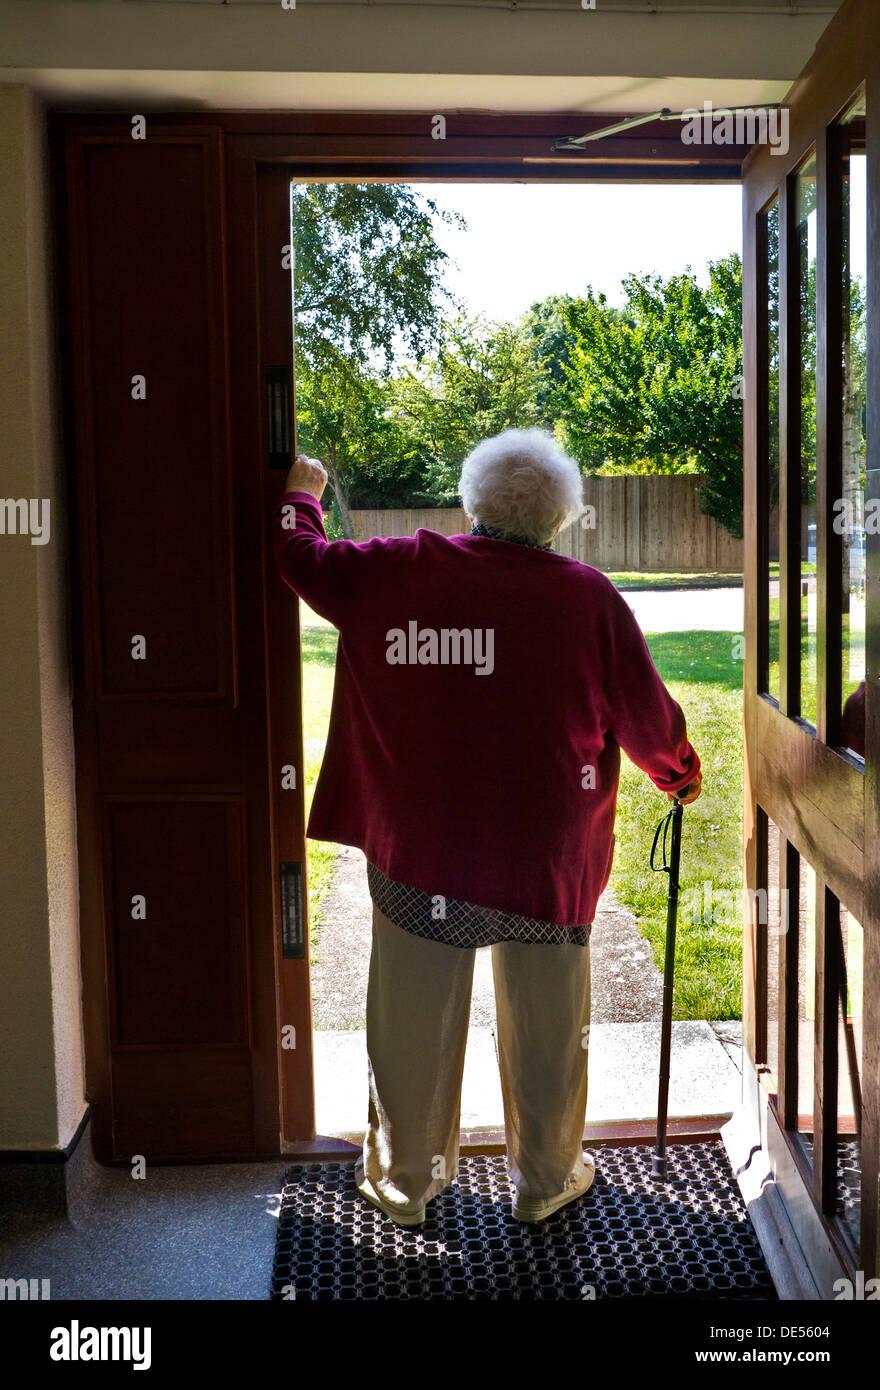 Ältere HAUSTÜR WARTEN SICHER nachdenklich Senioren senior alter Dame alleine stehen mit Stock hält an ihrem Öffnen der vorderen Tür Stockbild